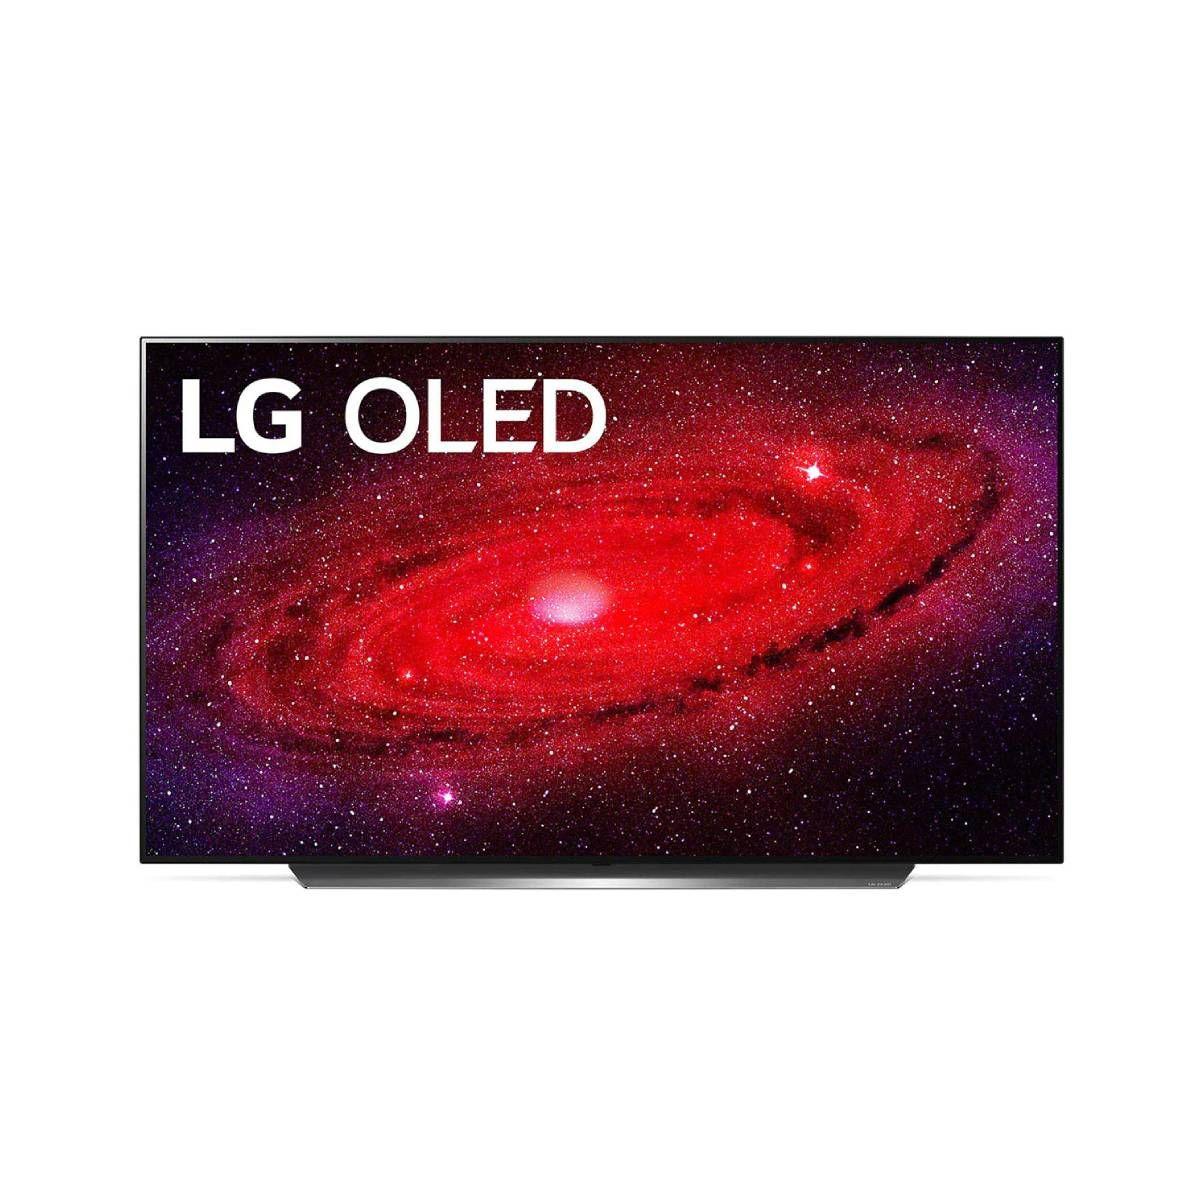 എൽജി 65 ഇഞ്ചുകൾ 4K Smart OLED TV(OLED65CXPTA)